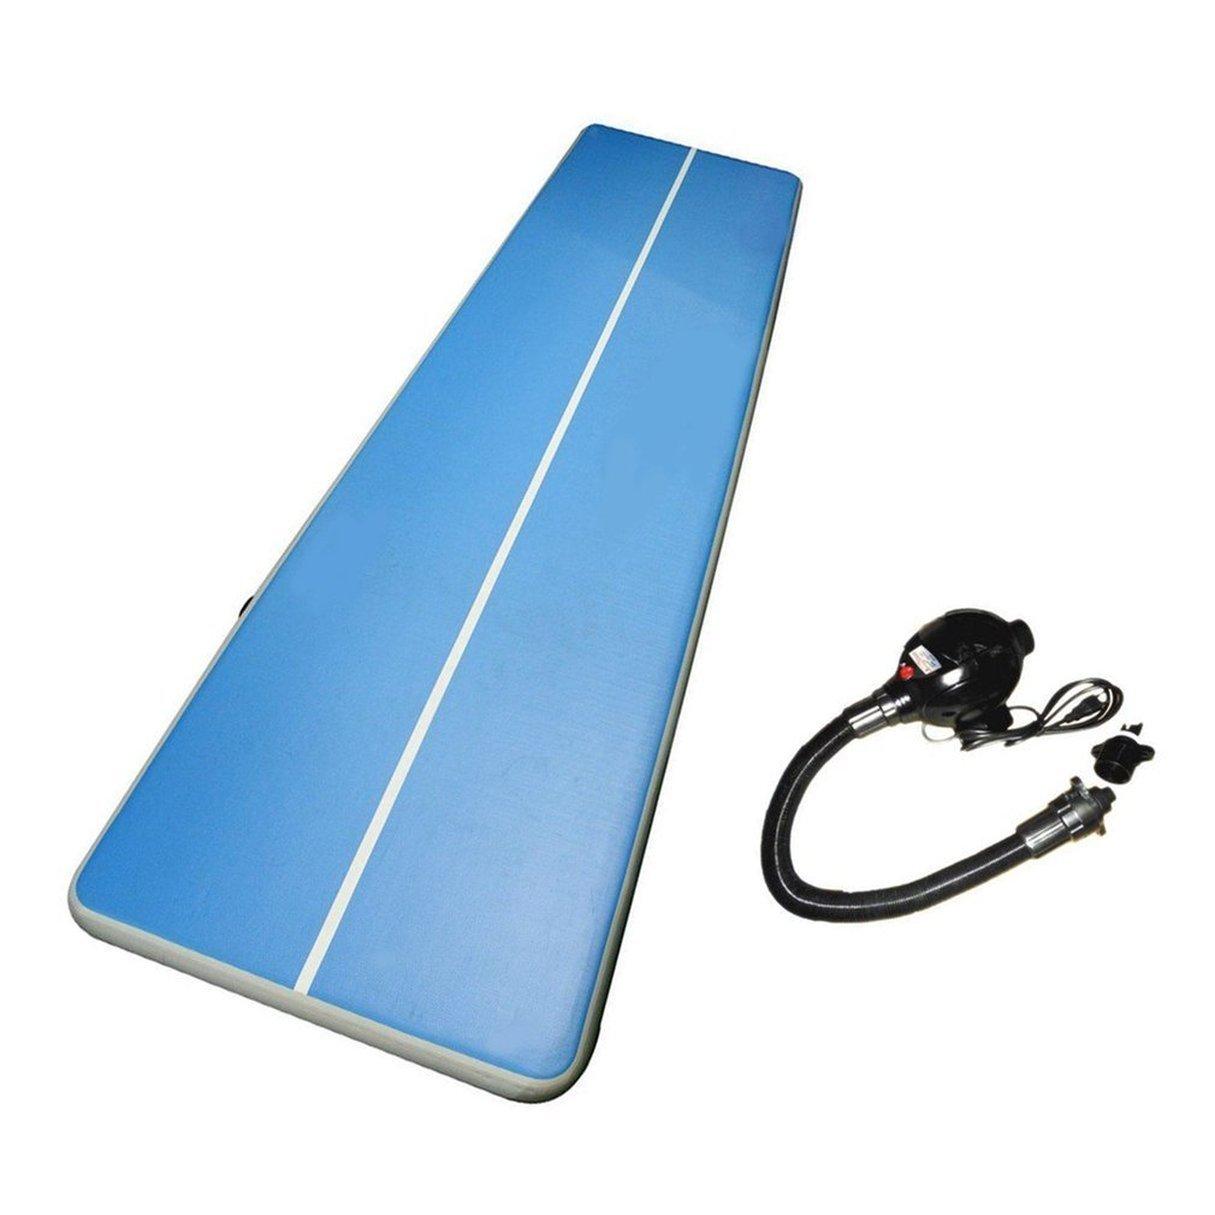 Wafalano Coussin Gonflable d'air de Gymnastique de Tapis de Coussin de Taekwondo pour la Gymnastique d'exercice de Gymnastique d'effets spéciaux Parkour